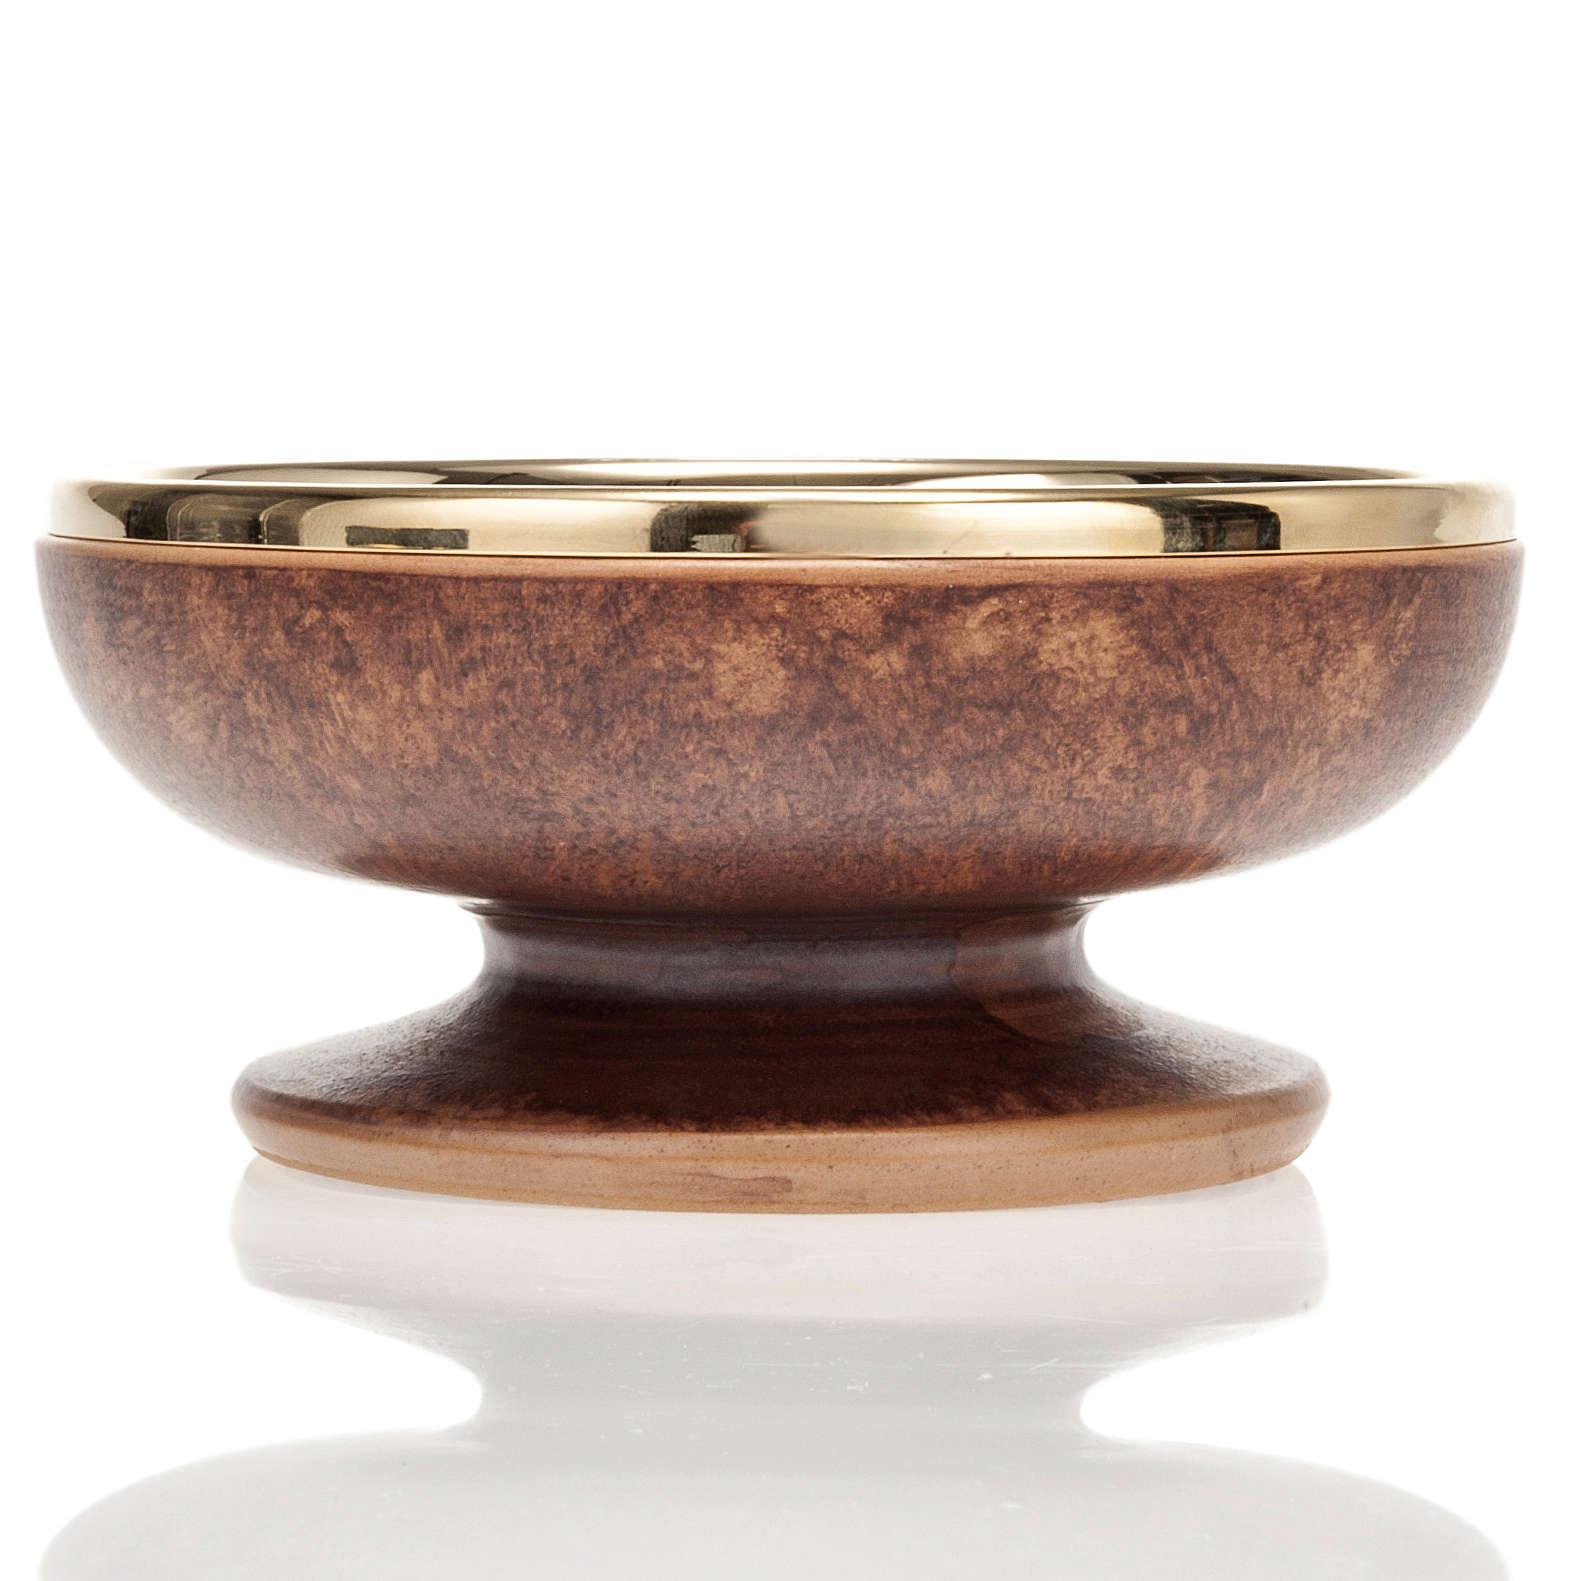 Pisside ceramica ottone dorato color cuoio 4